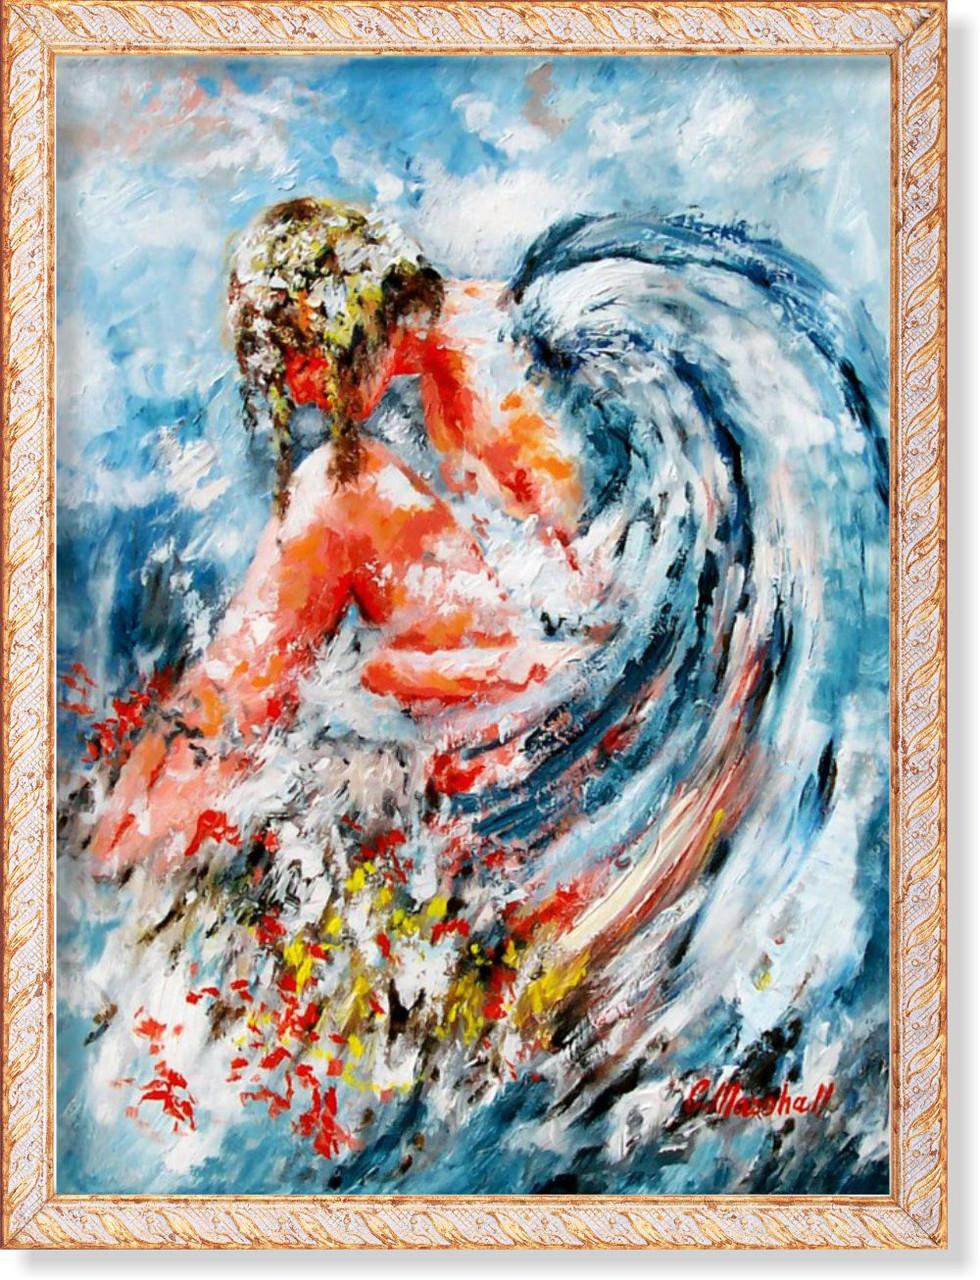 Репродукция картины современных мировых художников «Ангел» 55 х 75 см